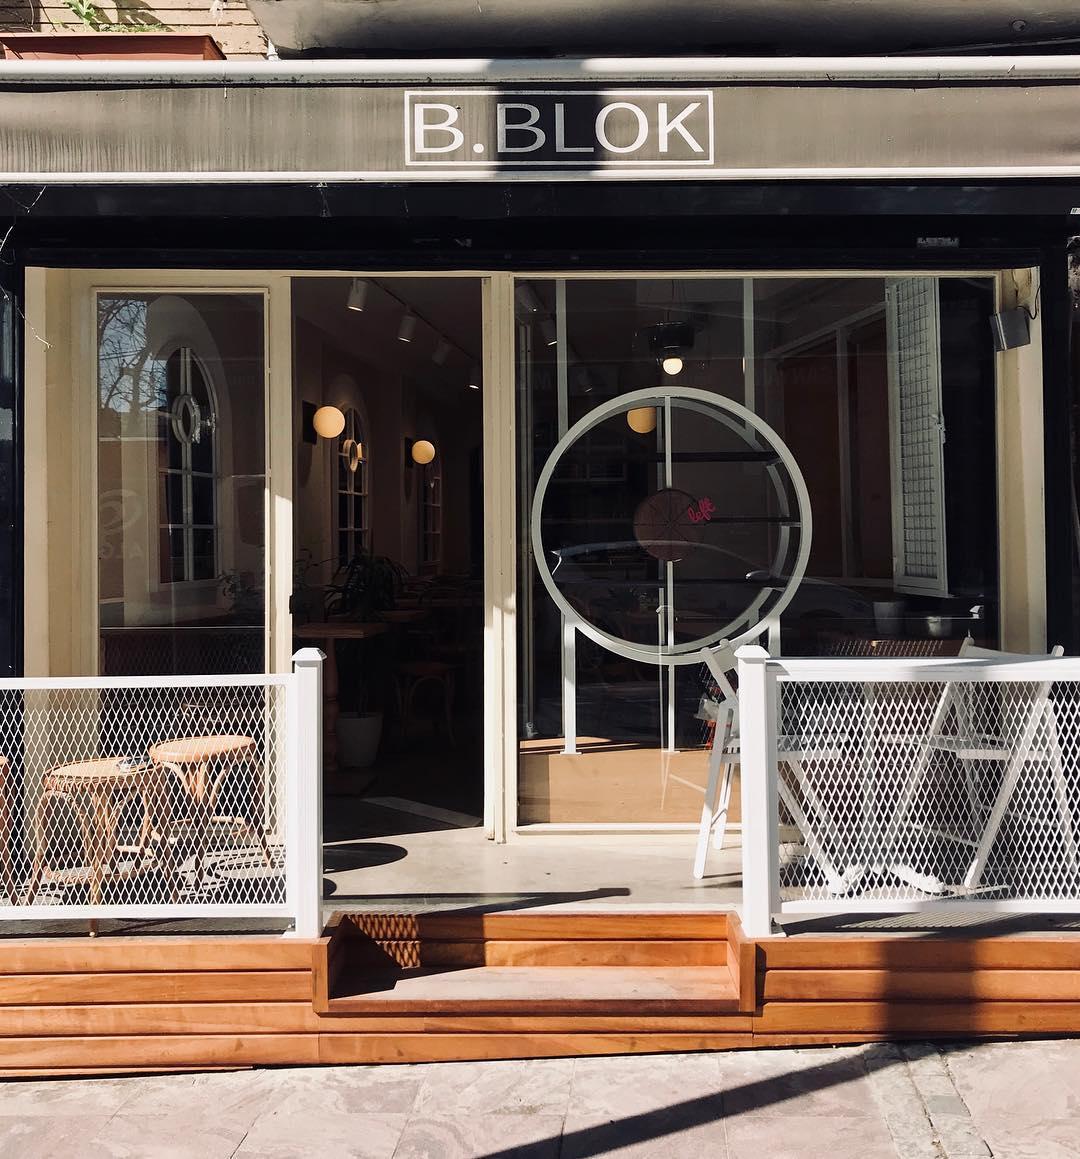 B.Blok Bakery